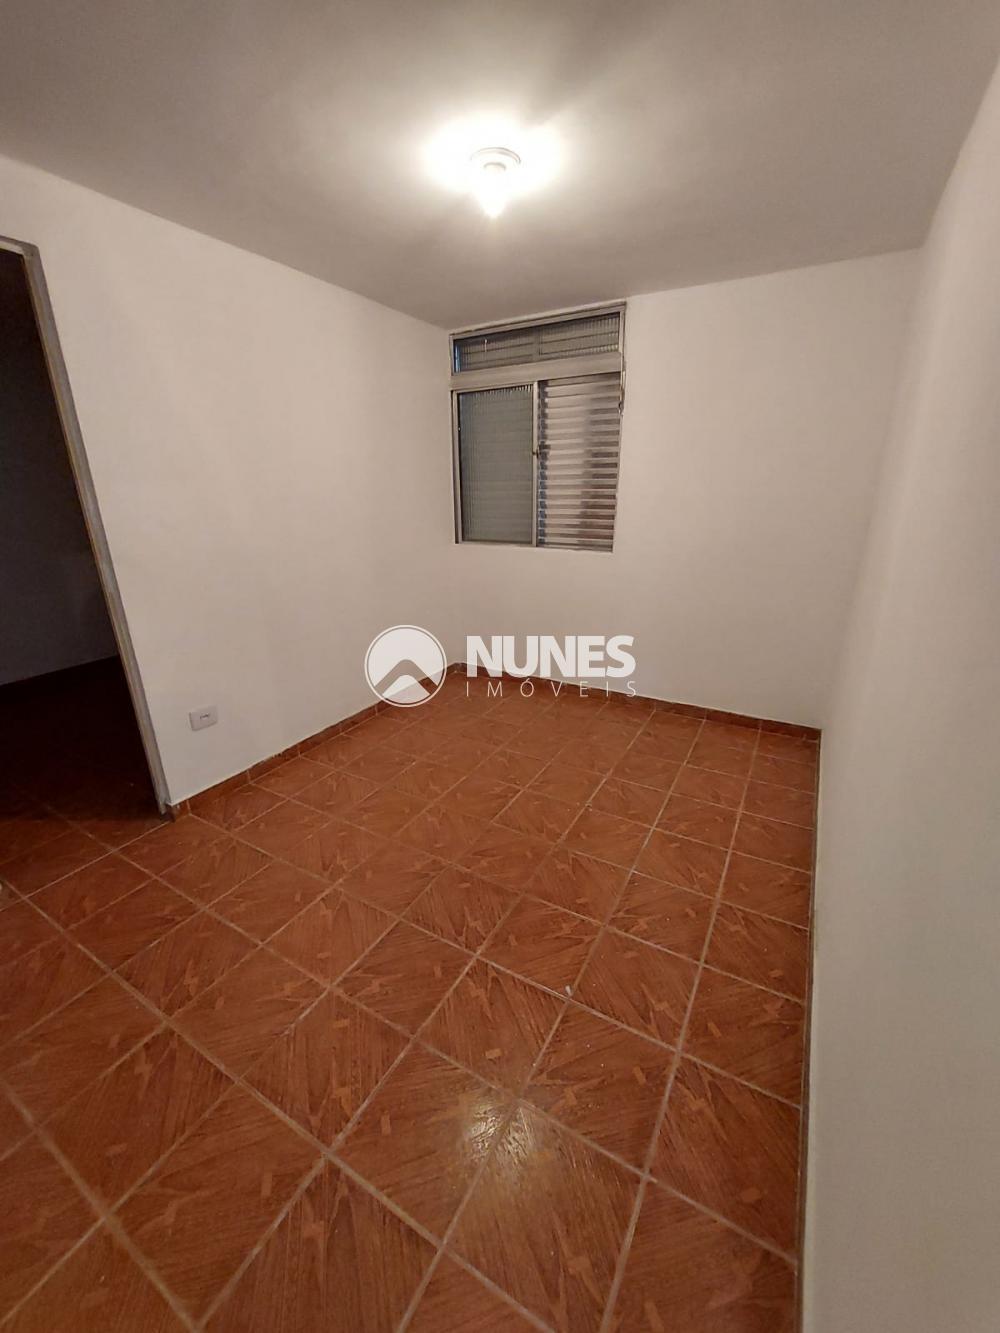 Comprar Apartamento / Padrão em Carapicuíba R$ 135.000,00 - Foto 4